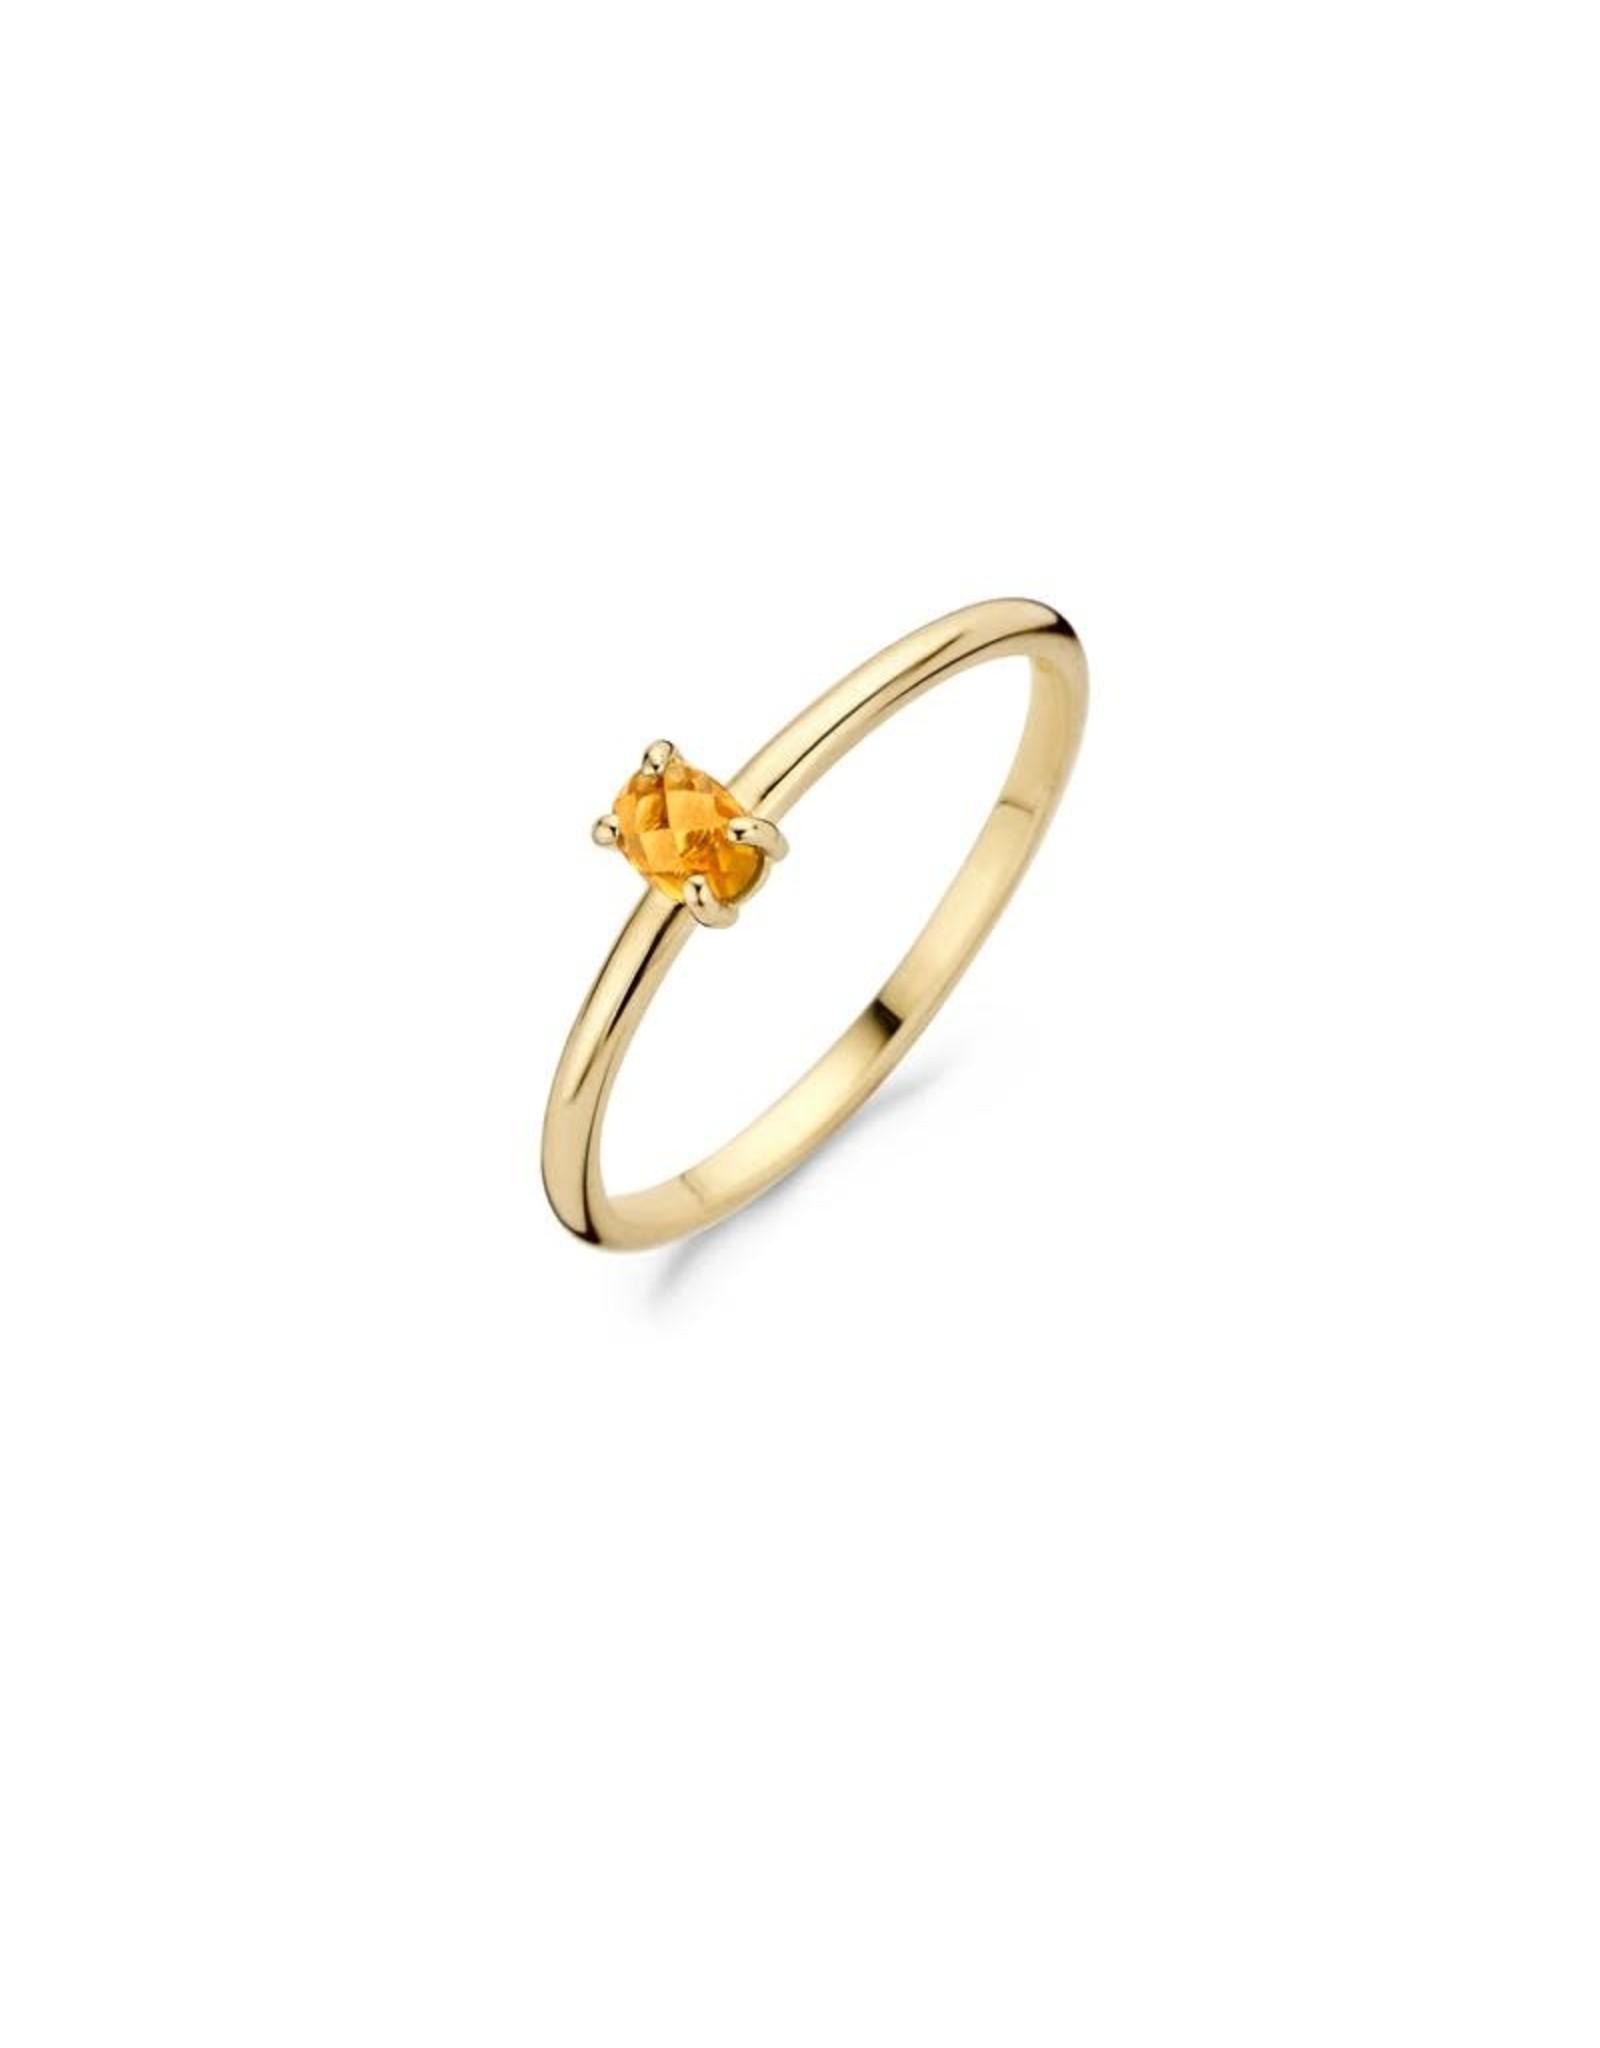 Blush Ring Blush geel goud 14kt 1204YCI citrine maat 50